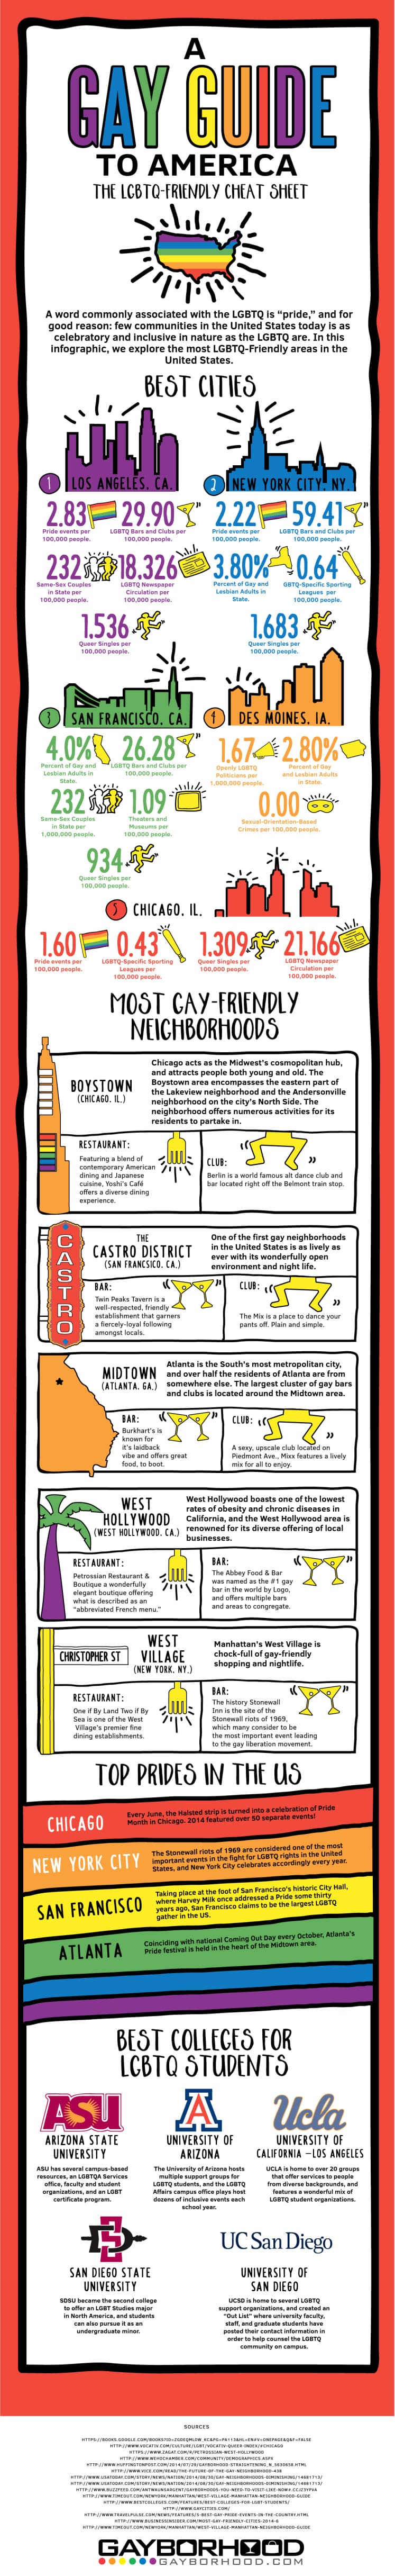 gayborhood guide to america